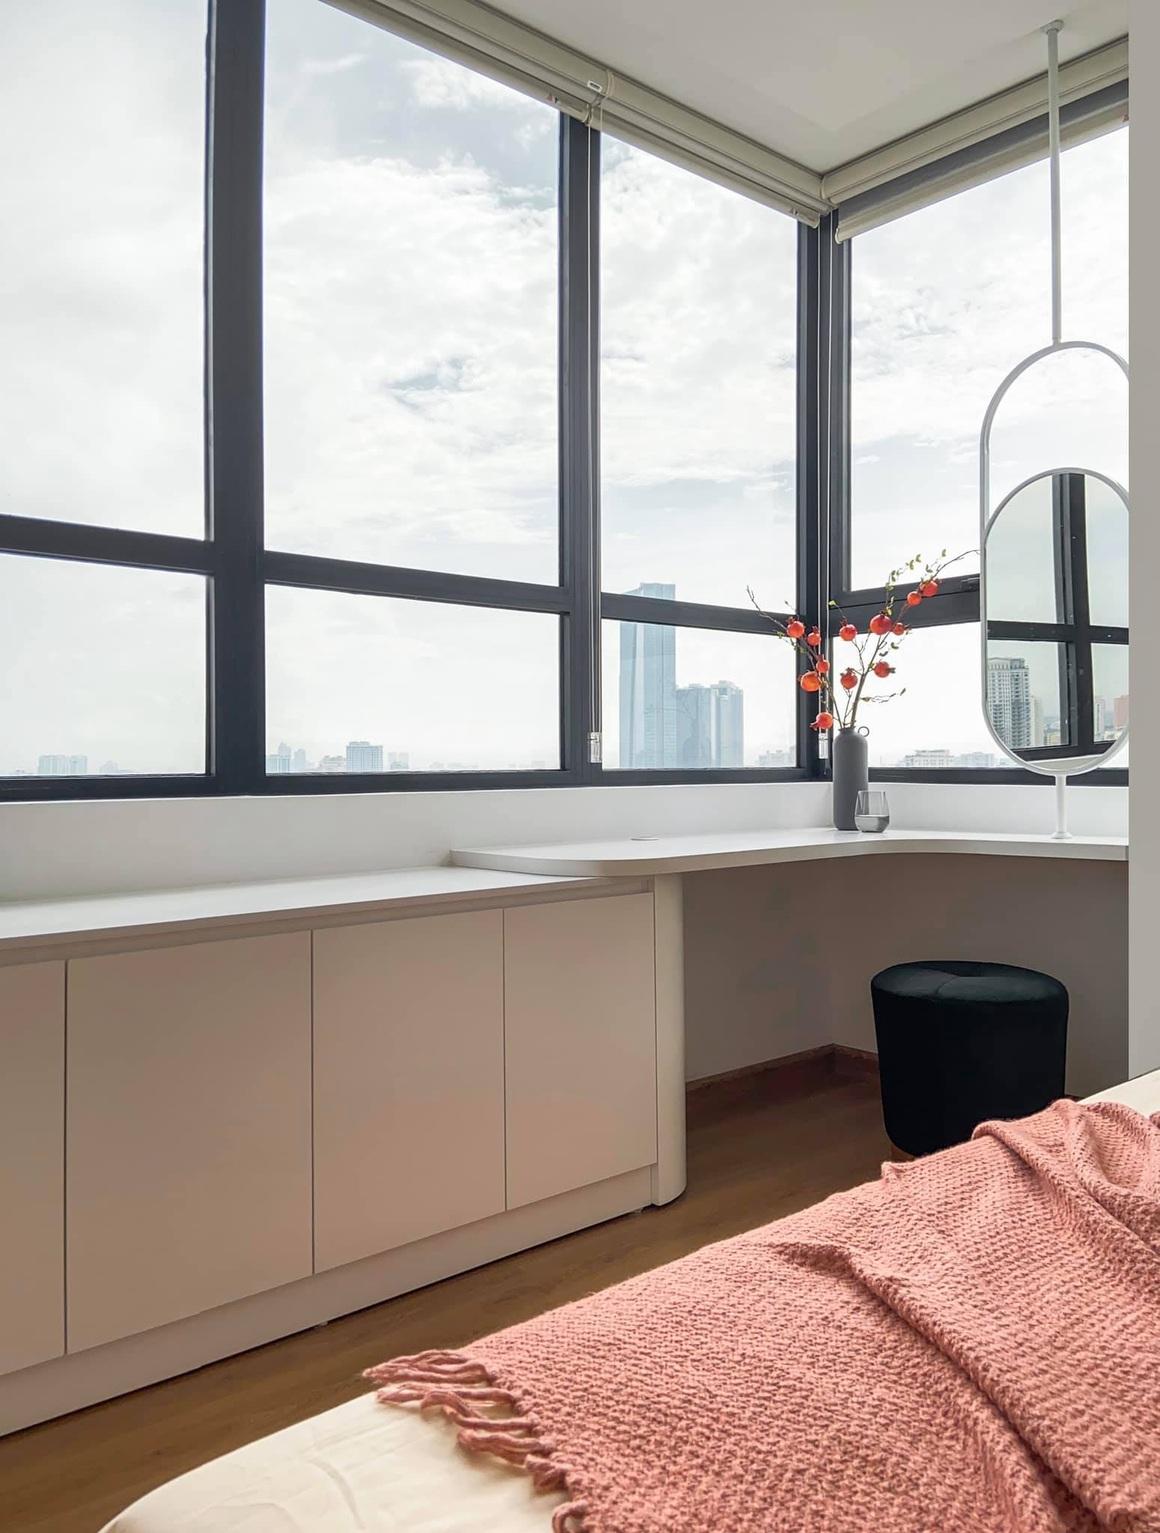 Ngắm căn hộ của gia chủ khó tính: Nội thất đẹp, lạ với tông màu xanh đậm - 15